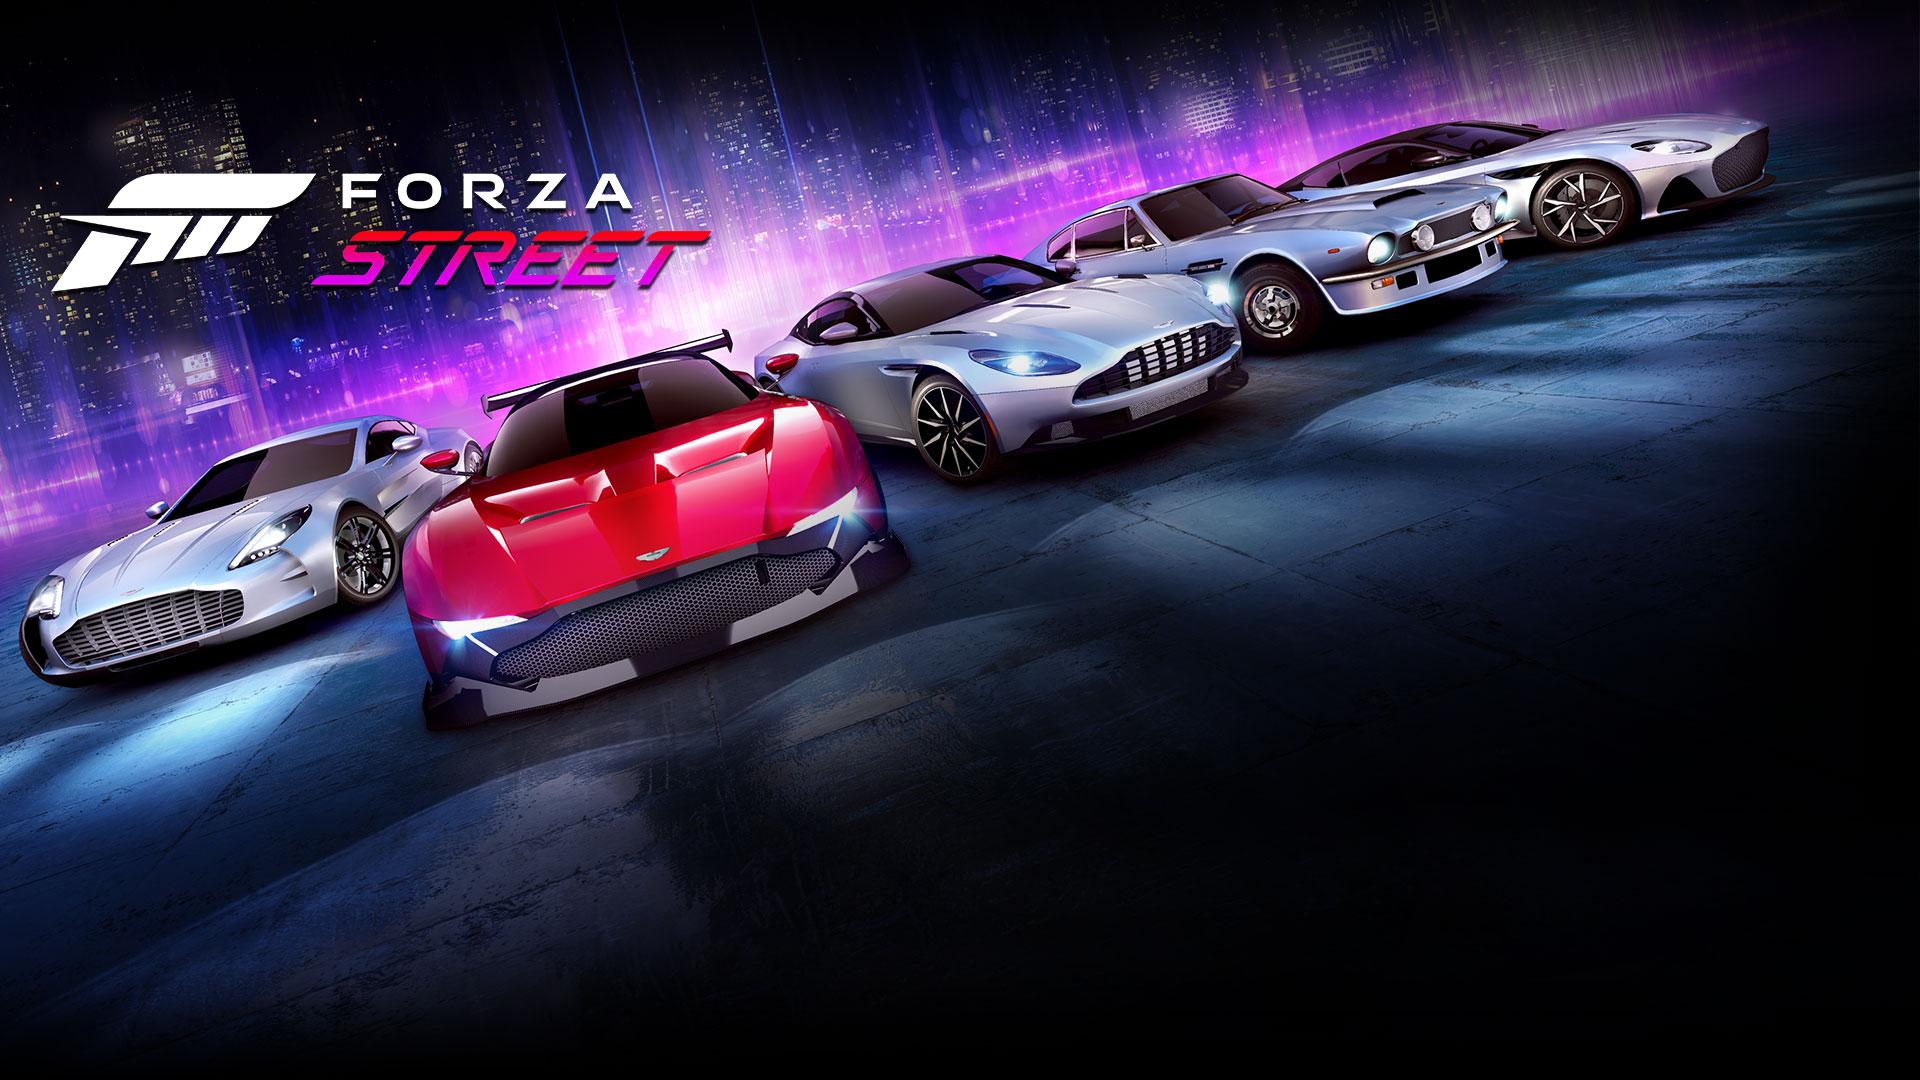 Forza Street, la gamme de voitures légendaires en arrière-plan